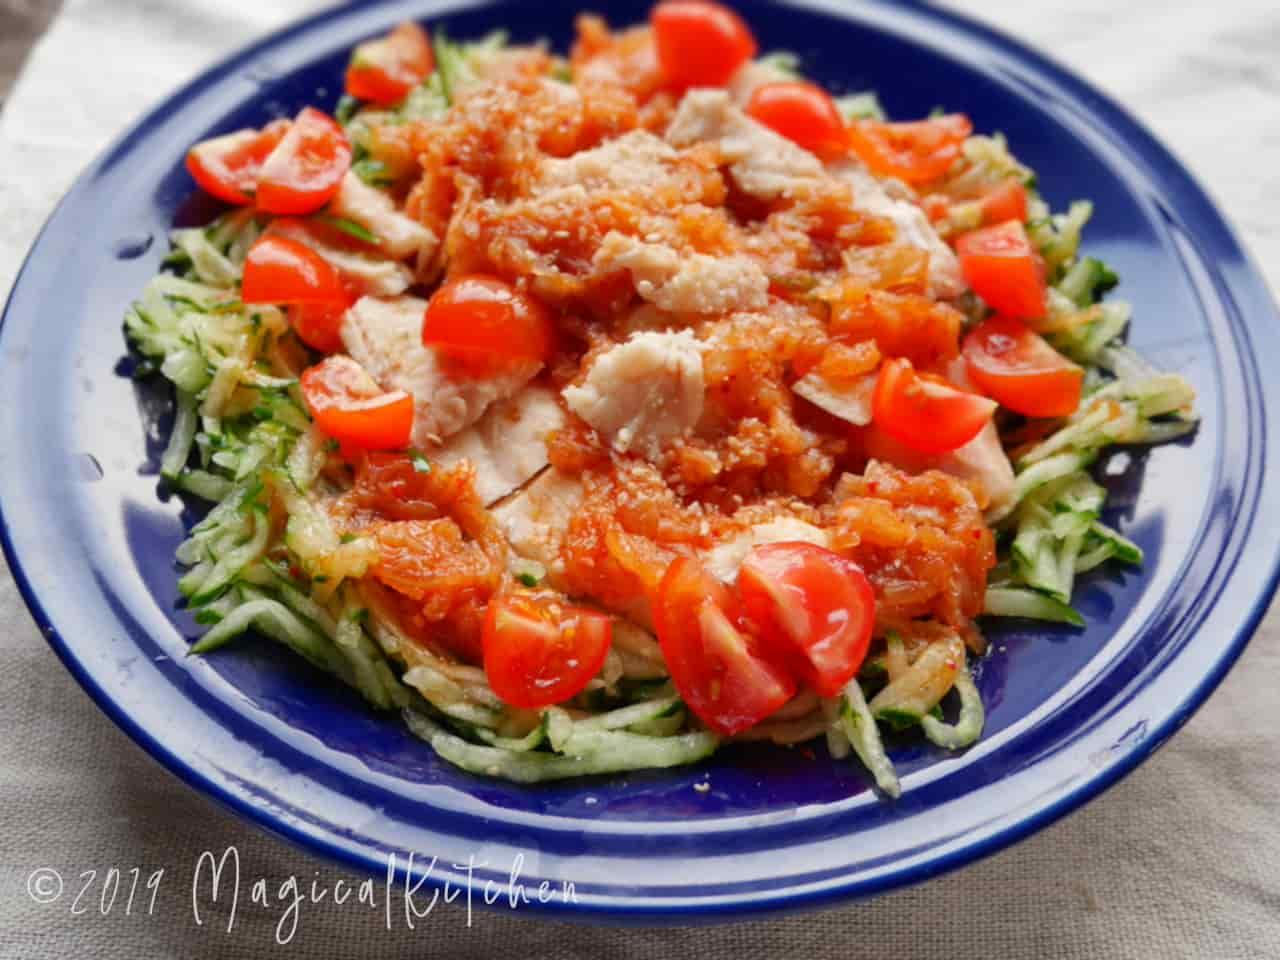 蒸し鶏のピリ辛キムチサラダ